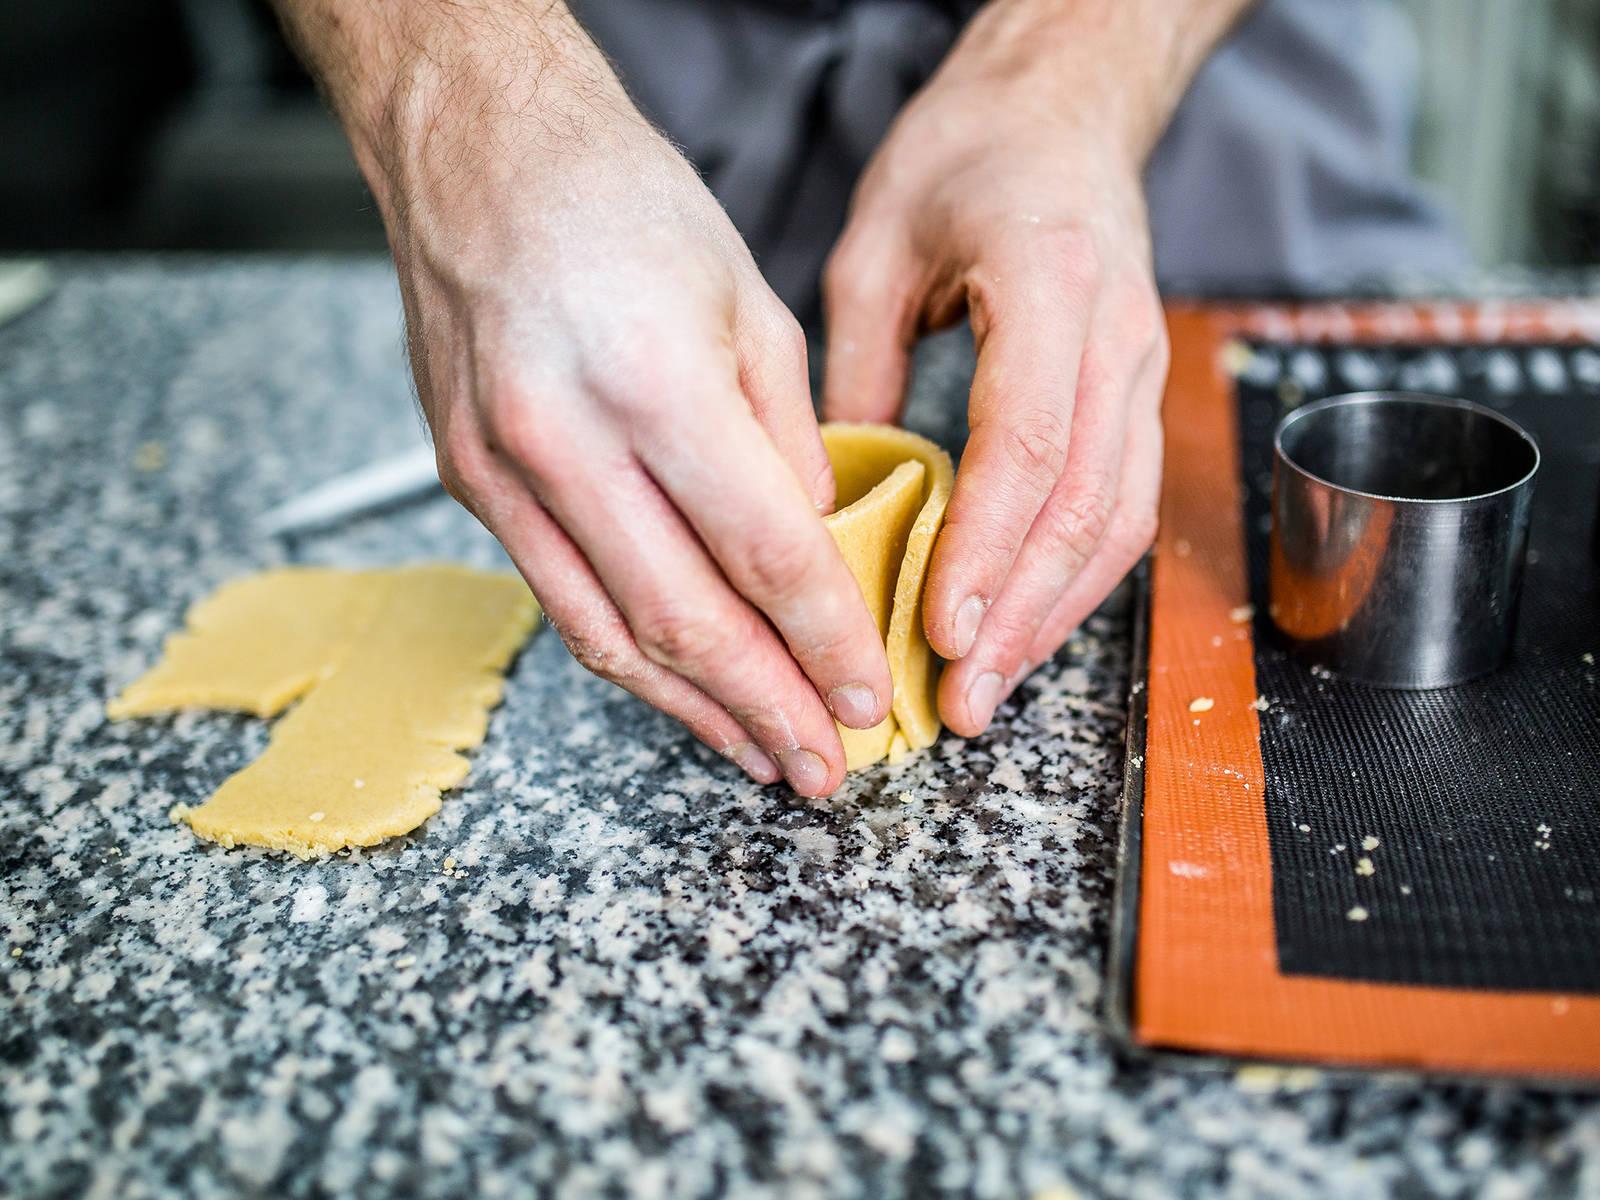 用长方形面团包裹金属模具内部,特别注意接缝处的处理,一定要让两层面团在接缝处重叠,并按压紧实。从剩下的面皮中切出和模具底部同大小的圆形做底。将圆形面皮按压进模具内,同样的注意杯壁和杯底接缝处的处理,一定要按压紧实,完全密封。